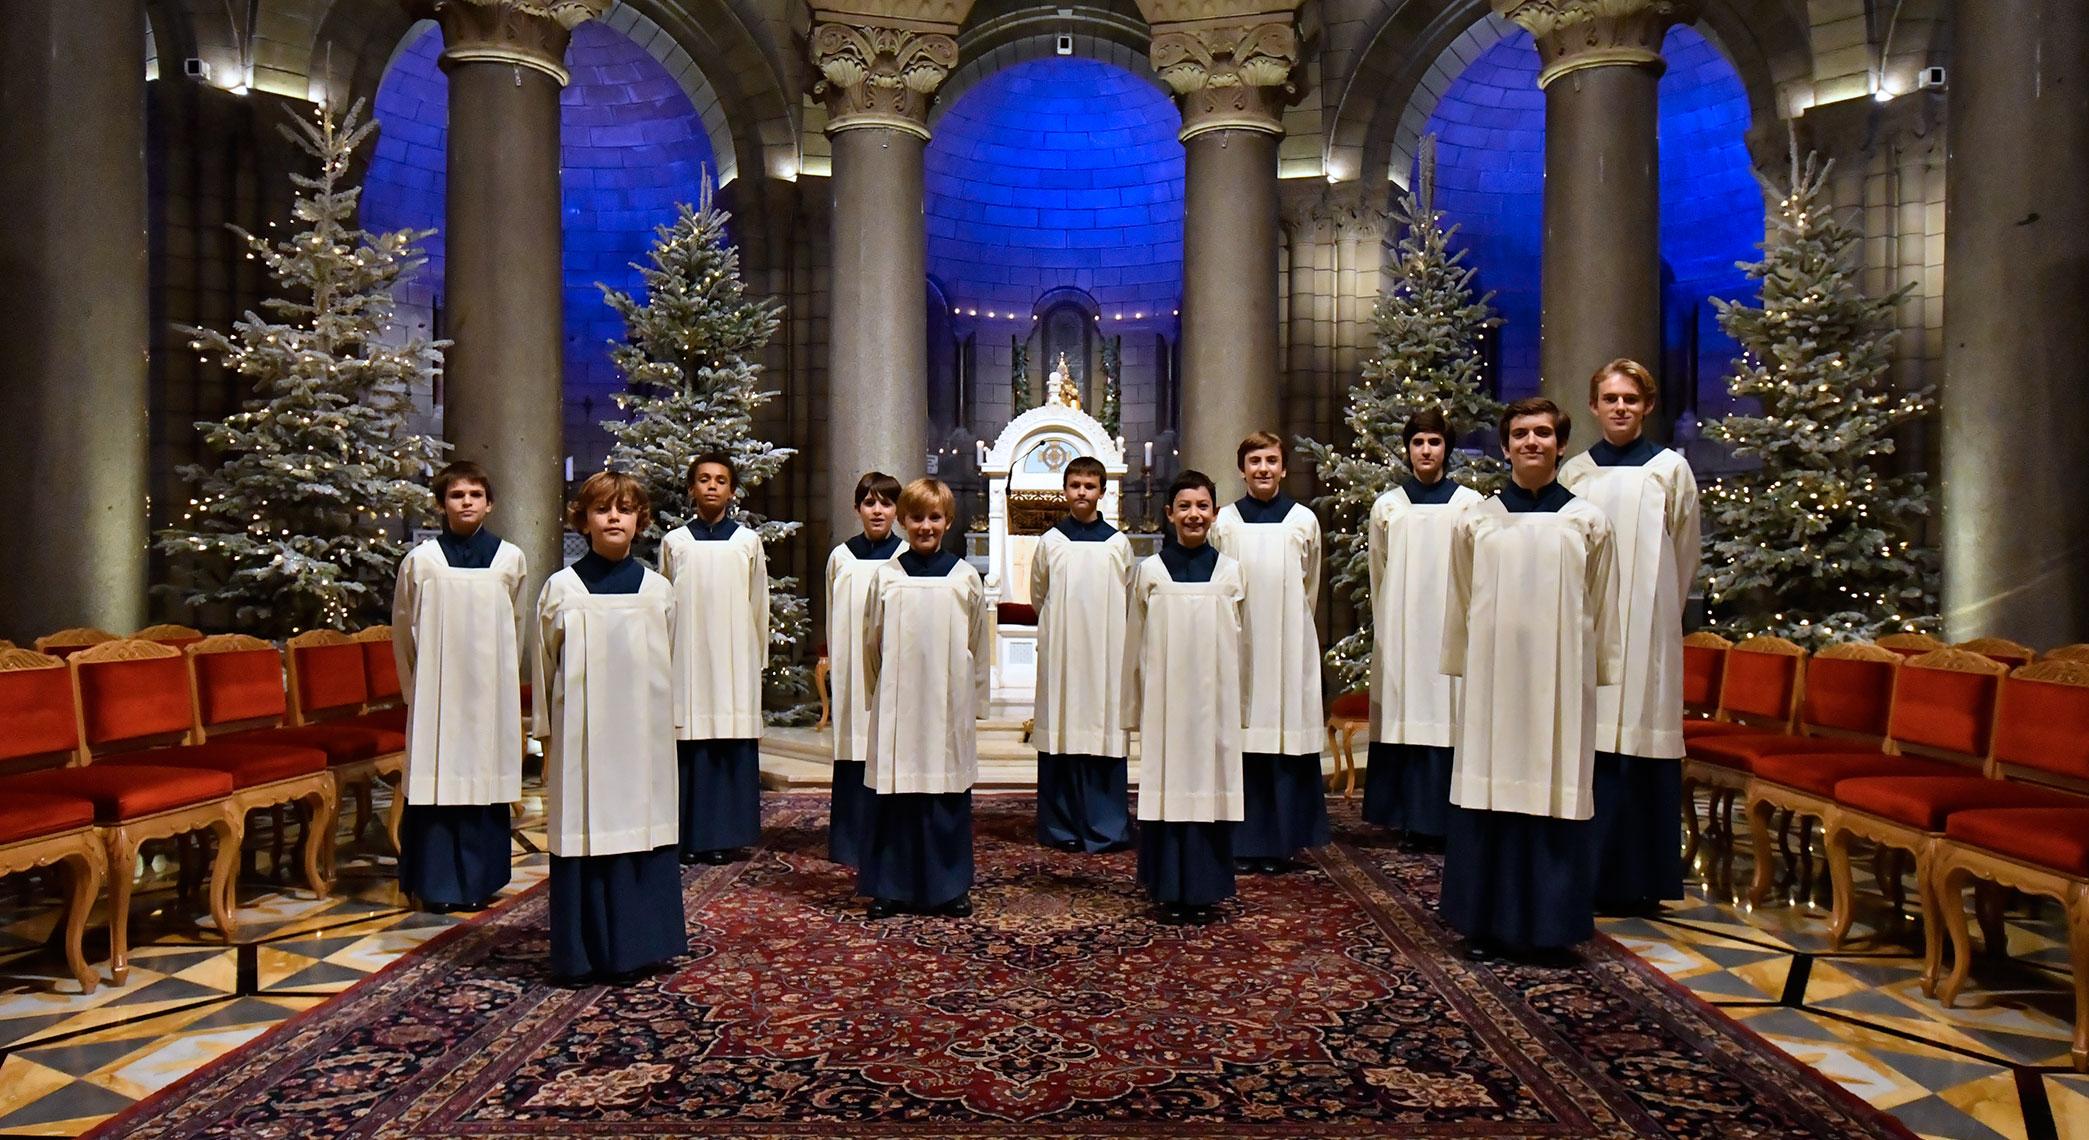 Les Petits Chanteurs De Saint-Didier De Langres Les Petits Chanteurs De St Didier De Langres Et L'Orchestre De Musique De Chambre De Bourmont - Alleluia